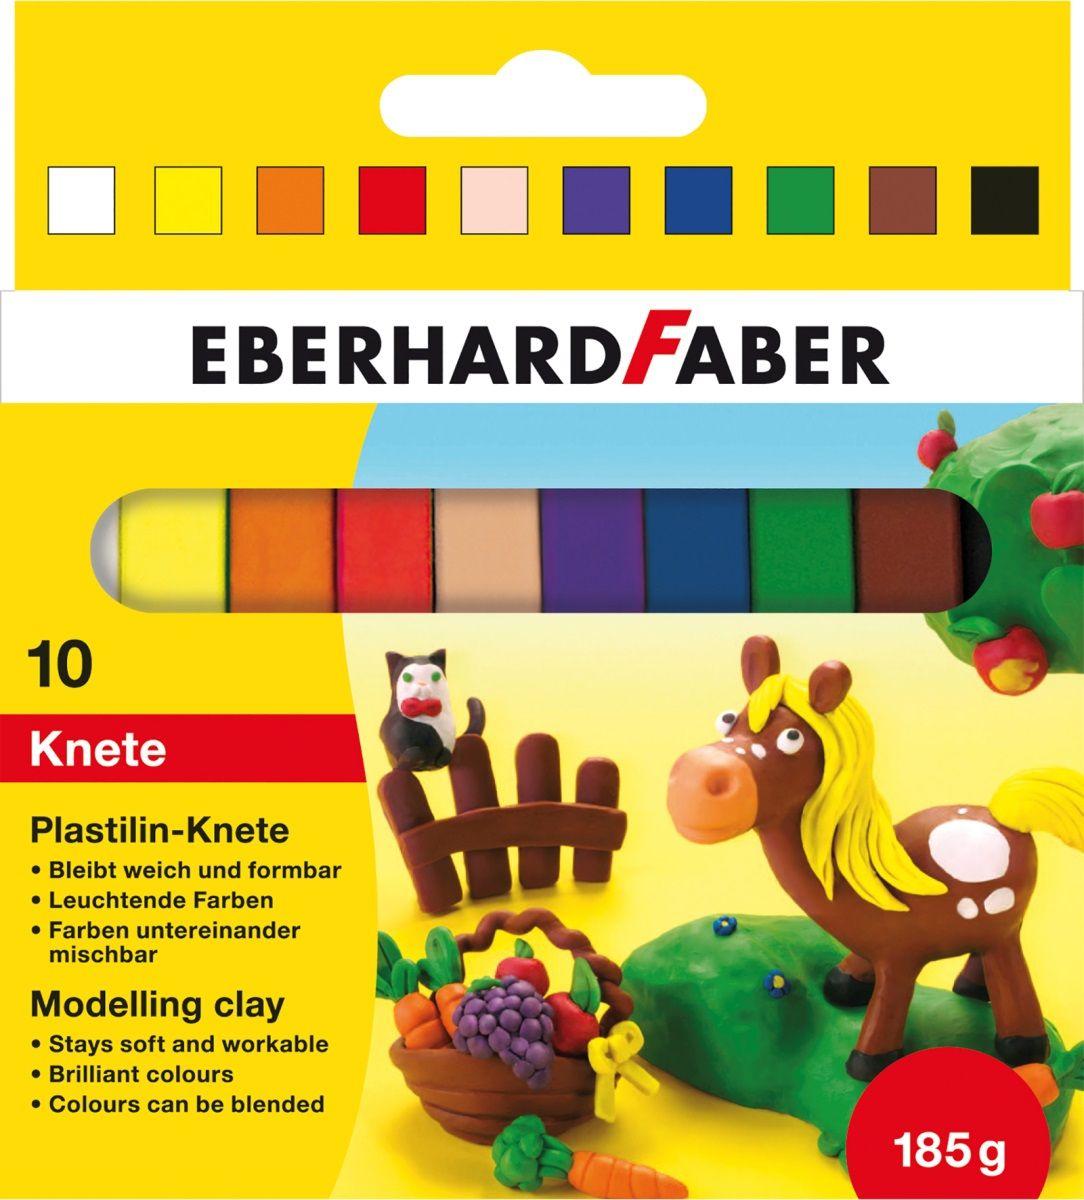 Eberhard Faber Пластилин 10 цветов 185 г572011Пластилин Eberhard Faber отлично подойдет для развития мелкой моторики и воображения у ребенка.В комплект входит пластилин десяти ярких и насыщенных цветов. Все цвета очень хорошо смешиваются, легко разминаются и меняют форму.Лепка - очень полезное занятие для малышей с раннего возраста. Она развивает мелкую моторику, помогает легко изучить формы и цвета.